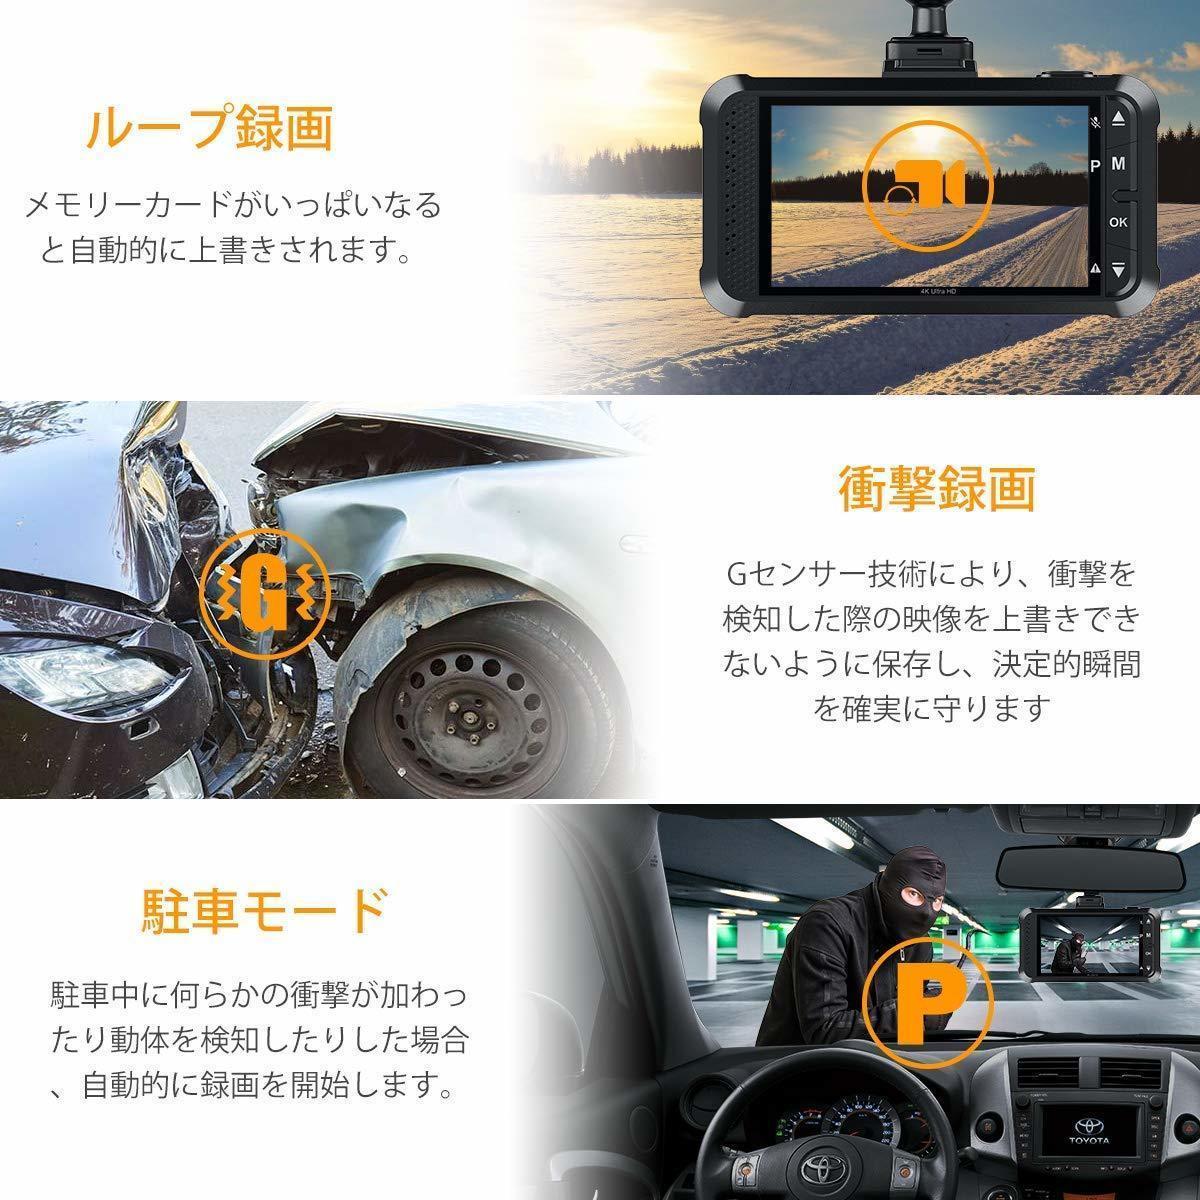 ドライブレコーダー 前後カメラ 最新版 車載カメラ 4.0インチ 1080P 170°広視野角 WDR搭載 駐車監視 常時録画_画像8